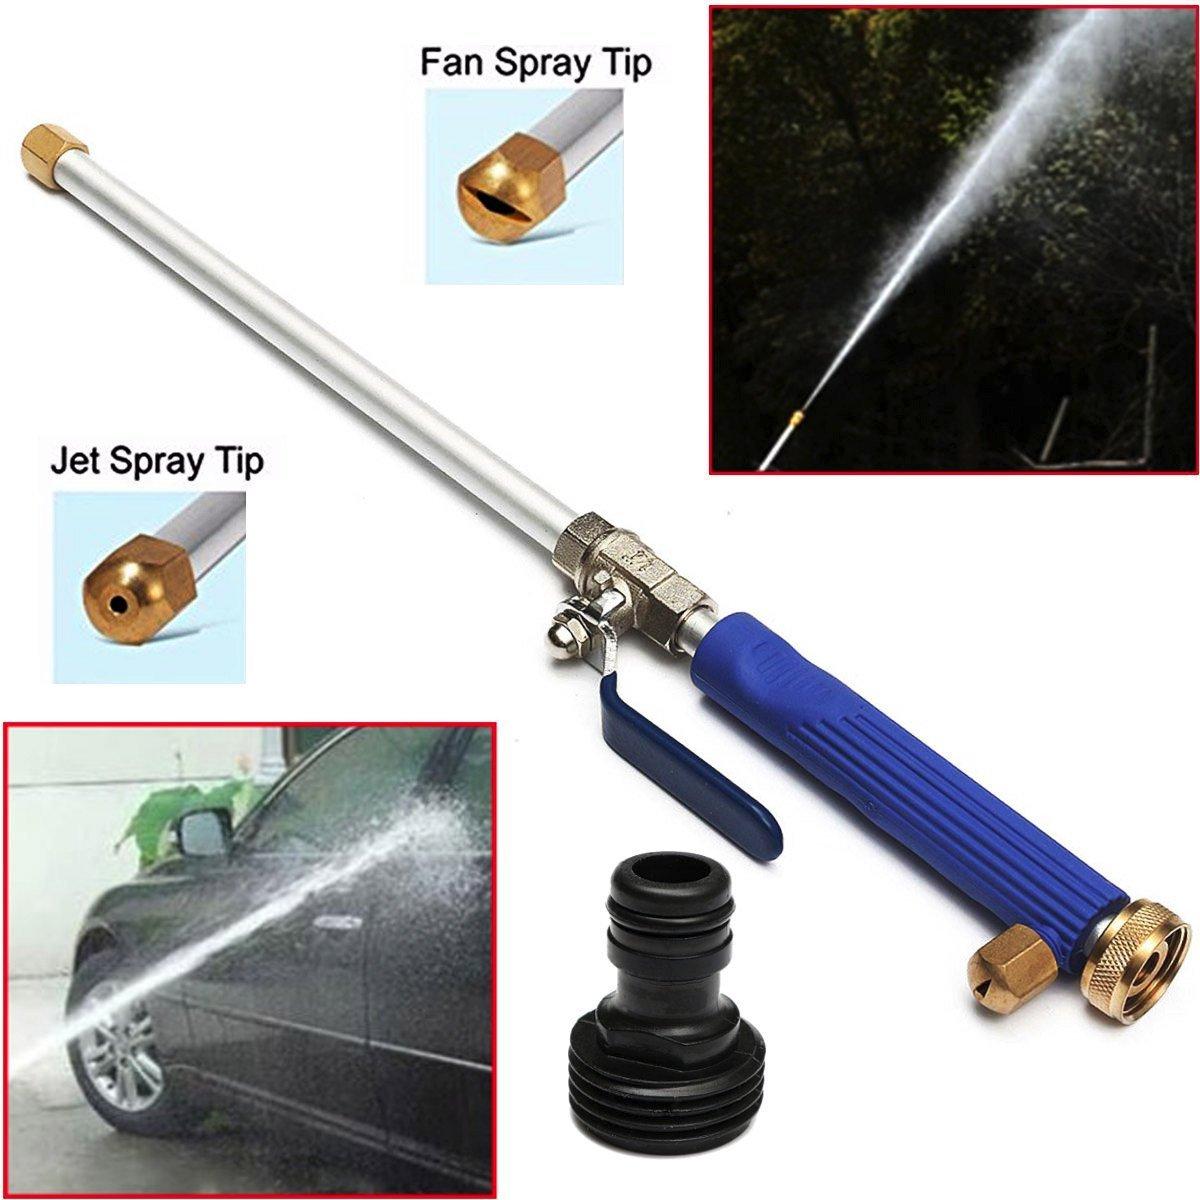 SAFETYON ugelli per ugello acqua ad alta pressione idropulitrice pistola in casa tubo flessibile da giardino Wand Attachment scelta migliore pulizia